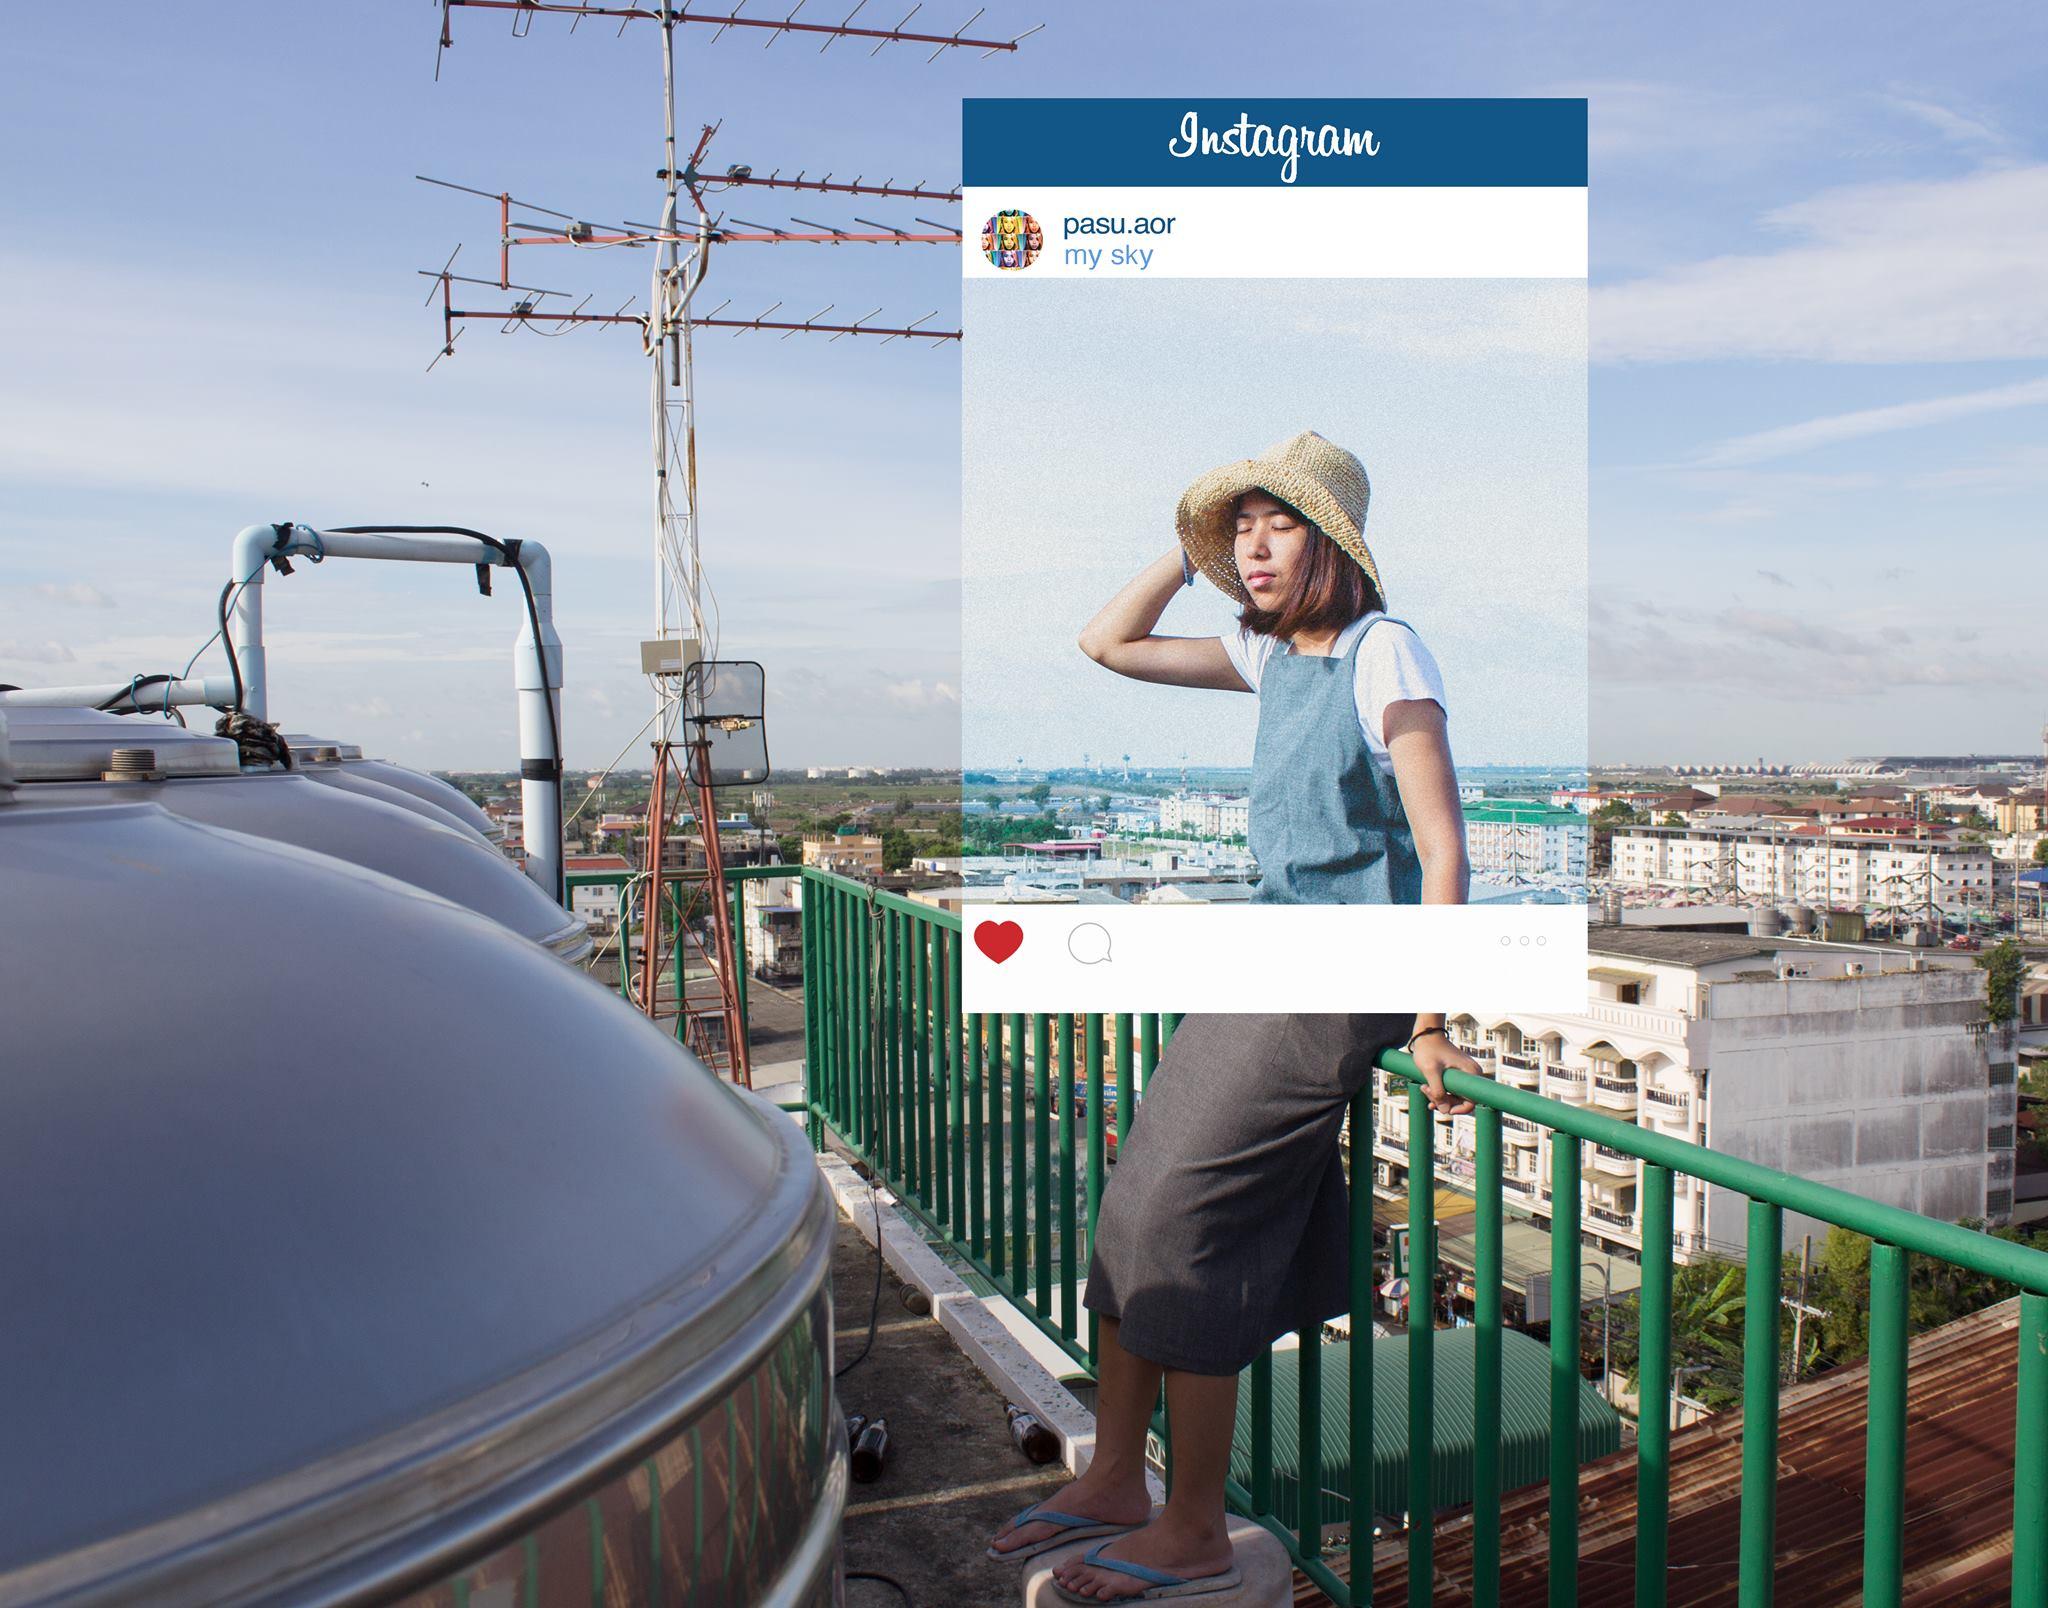 chompoo-baritone-1 La face cachée des photos sur Instagram